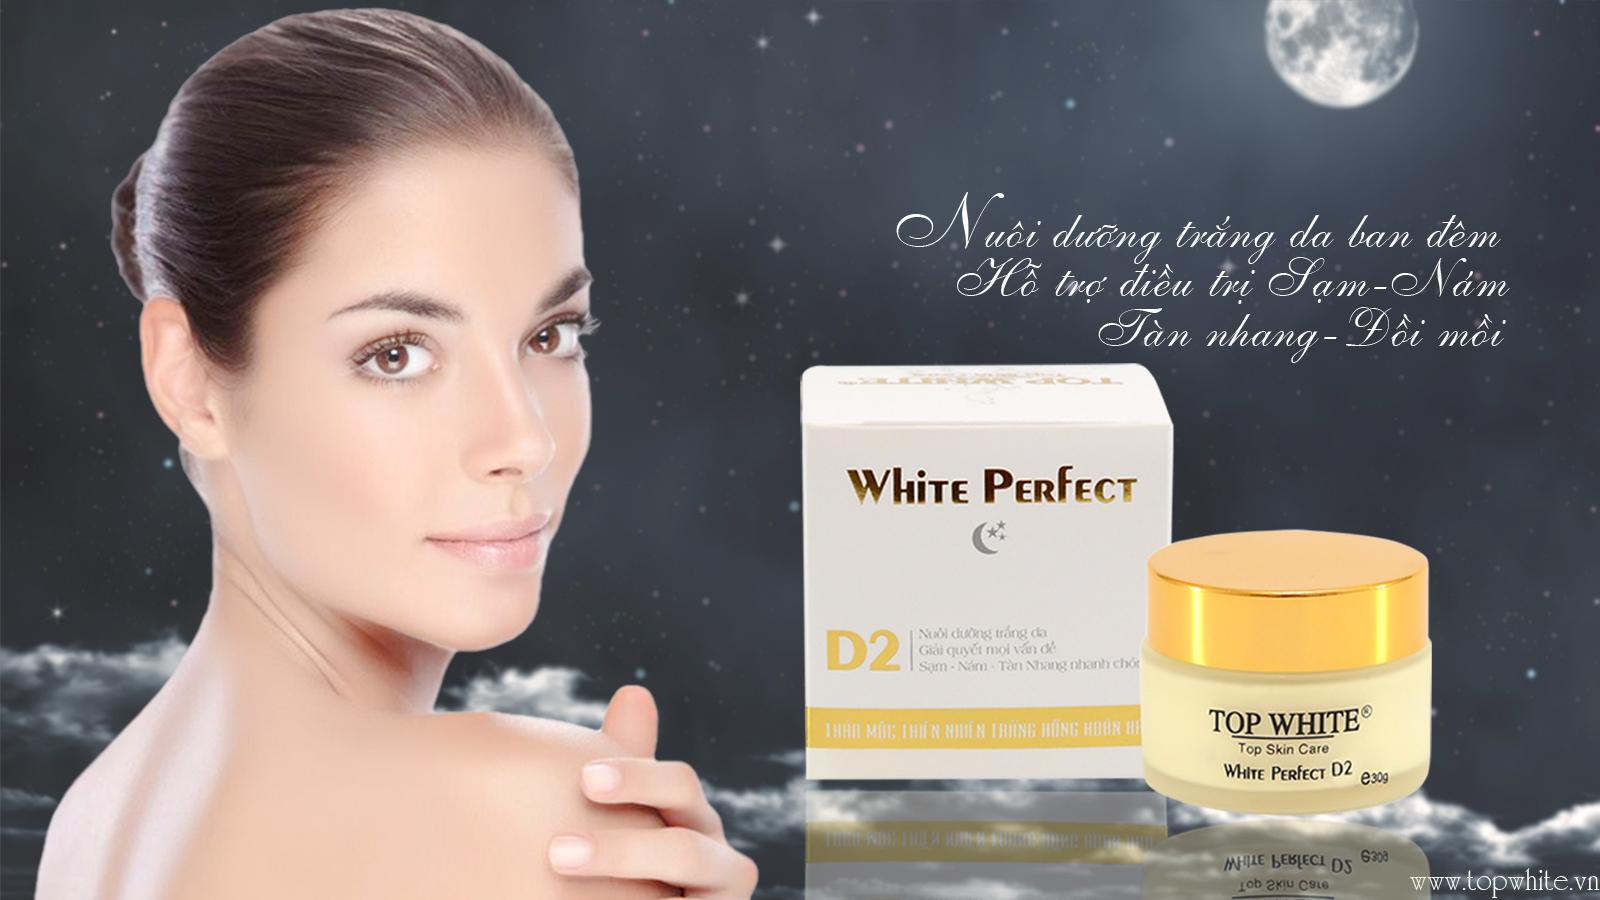 White Perfect D2 kem dưỡng trắng da ban đêm hỗ trợ trị nám